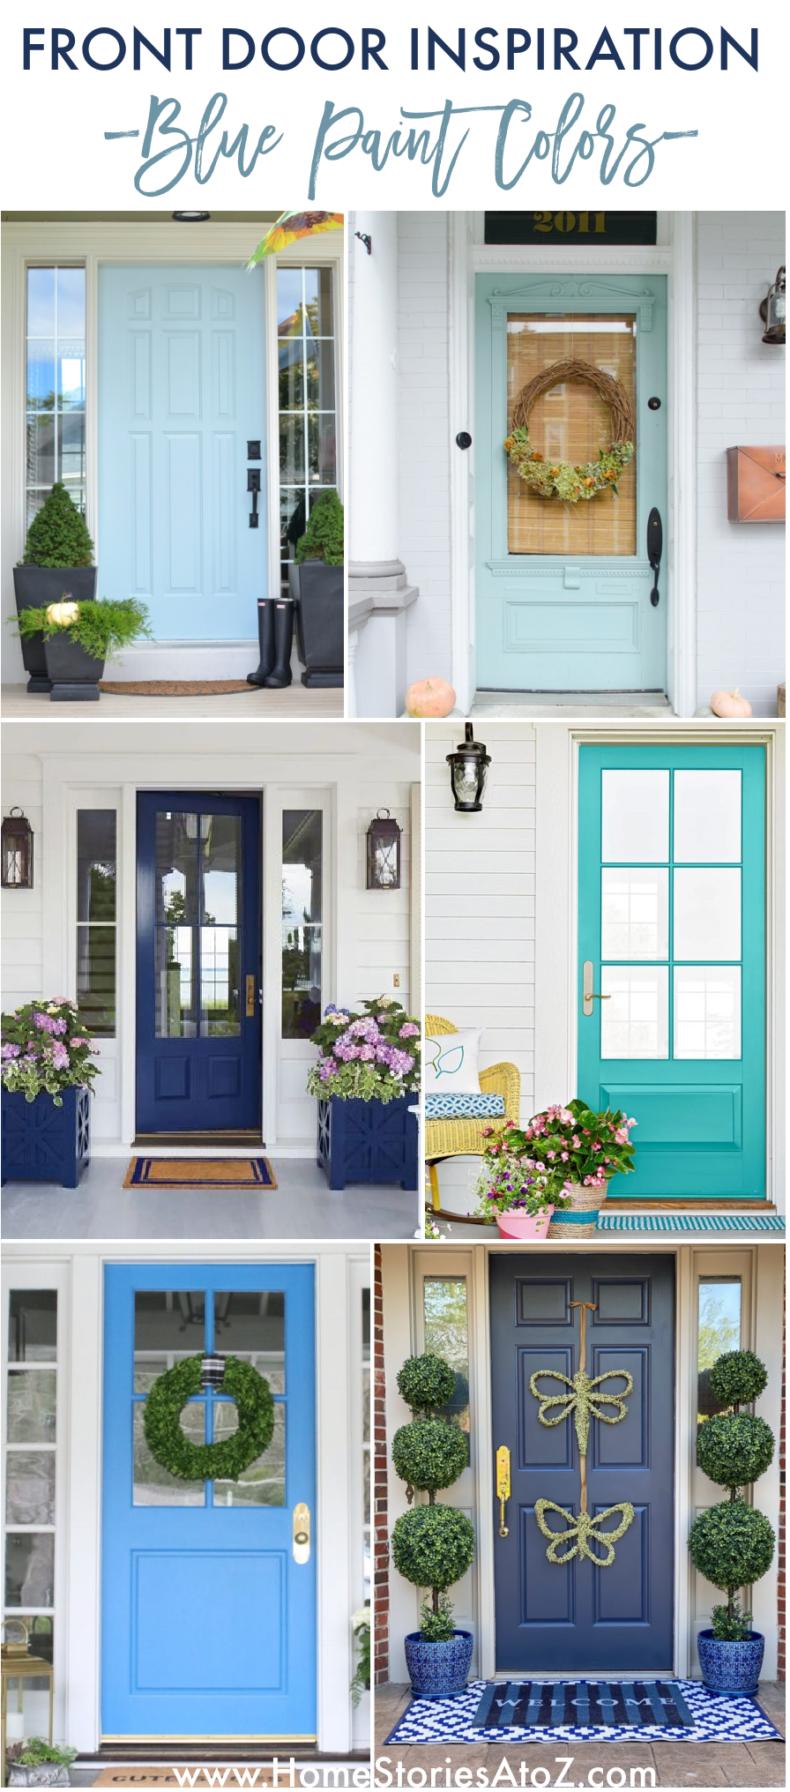 Blue Door Colors - Blue Paint Ideas